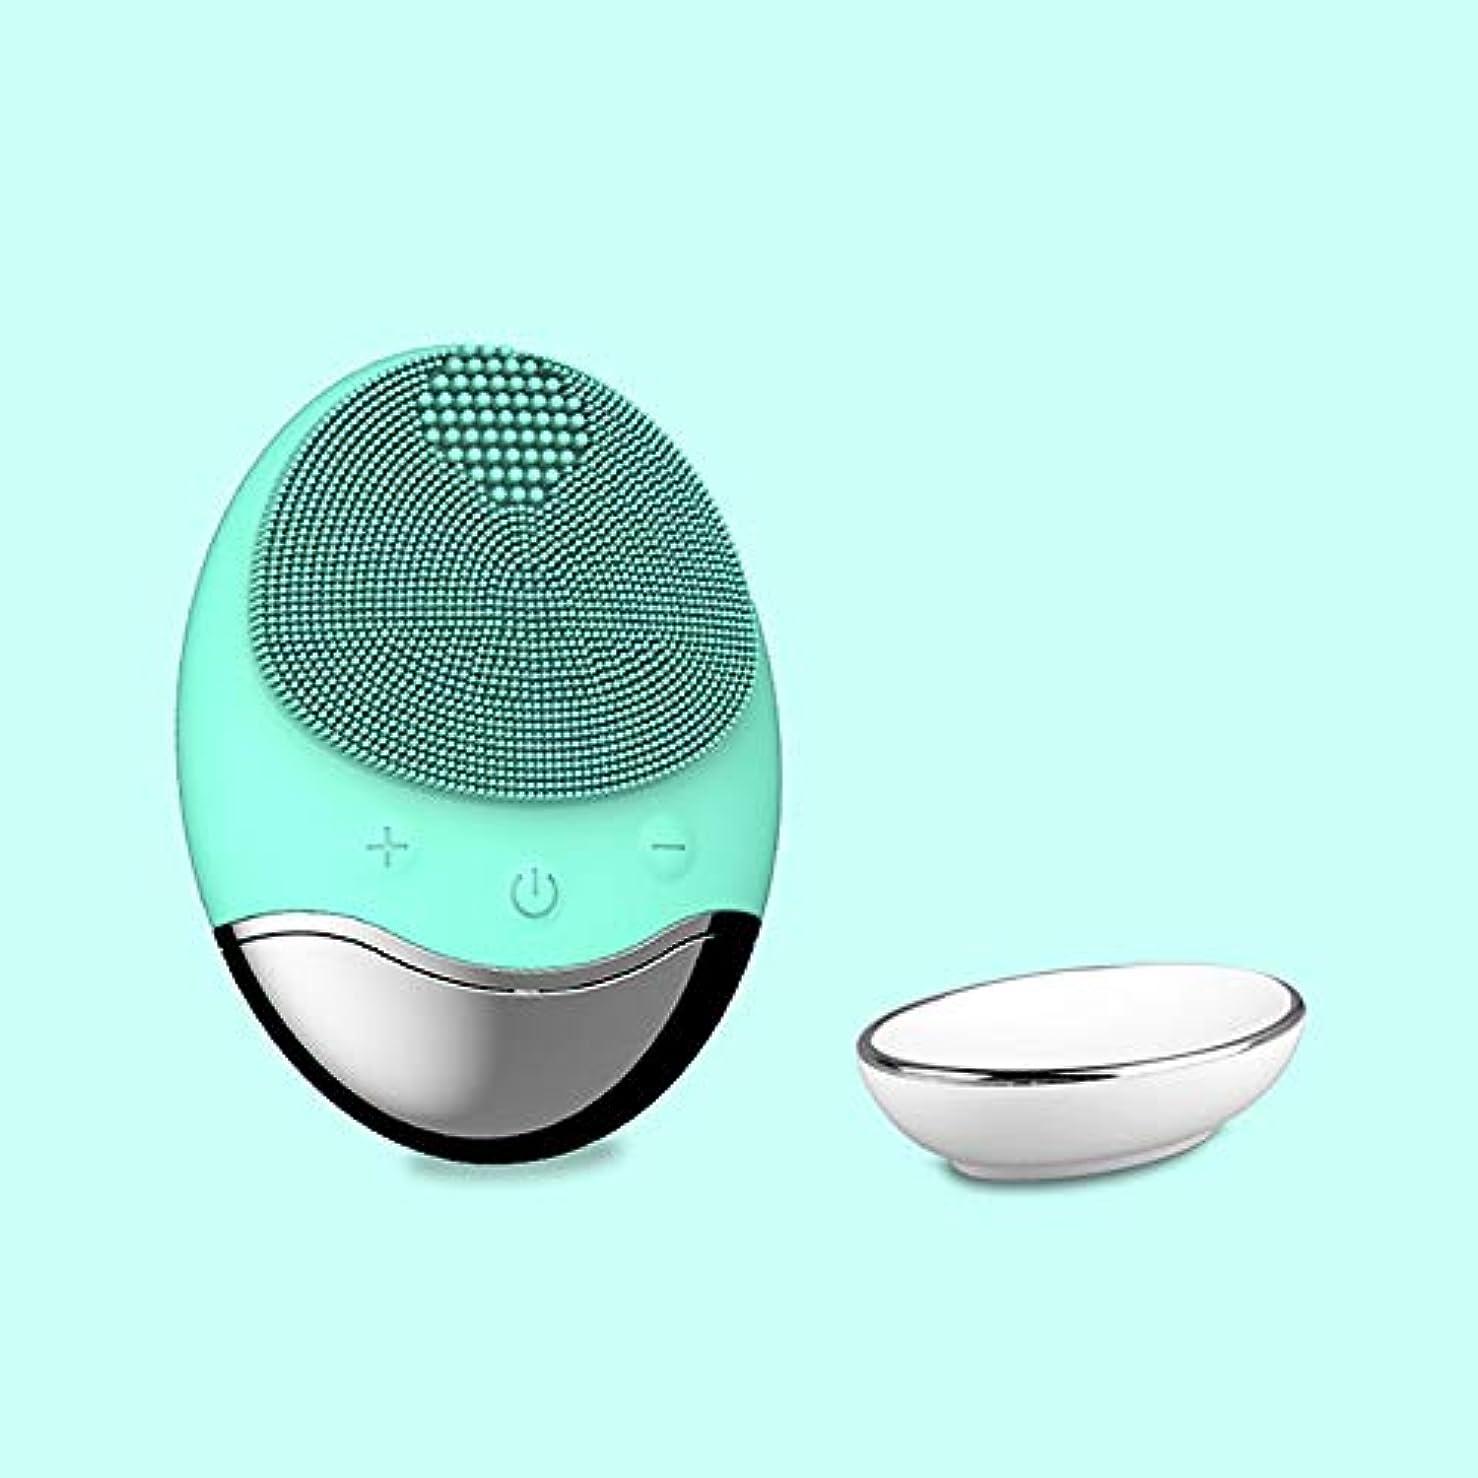 夕暮れ怠な空洞ZXF 新しいアップグレードワイヤレス充電電気家庭用竹炭シリコーン防水超音波洗浄毛穴洗浄器具洗浄器具輸入器具 滑らかである (色 : Green)